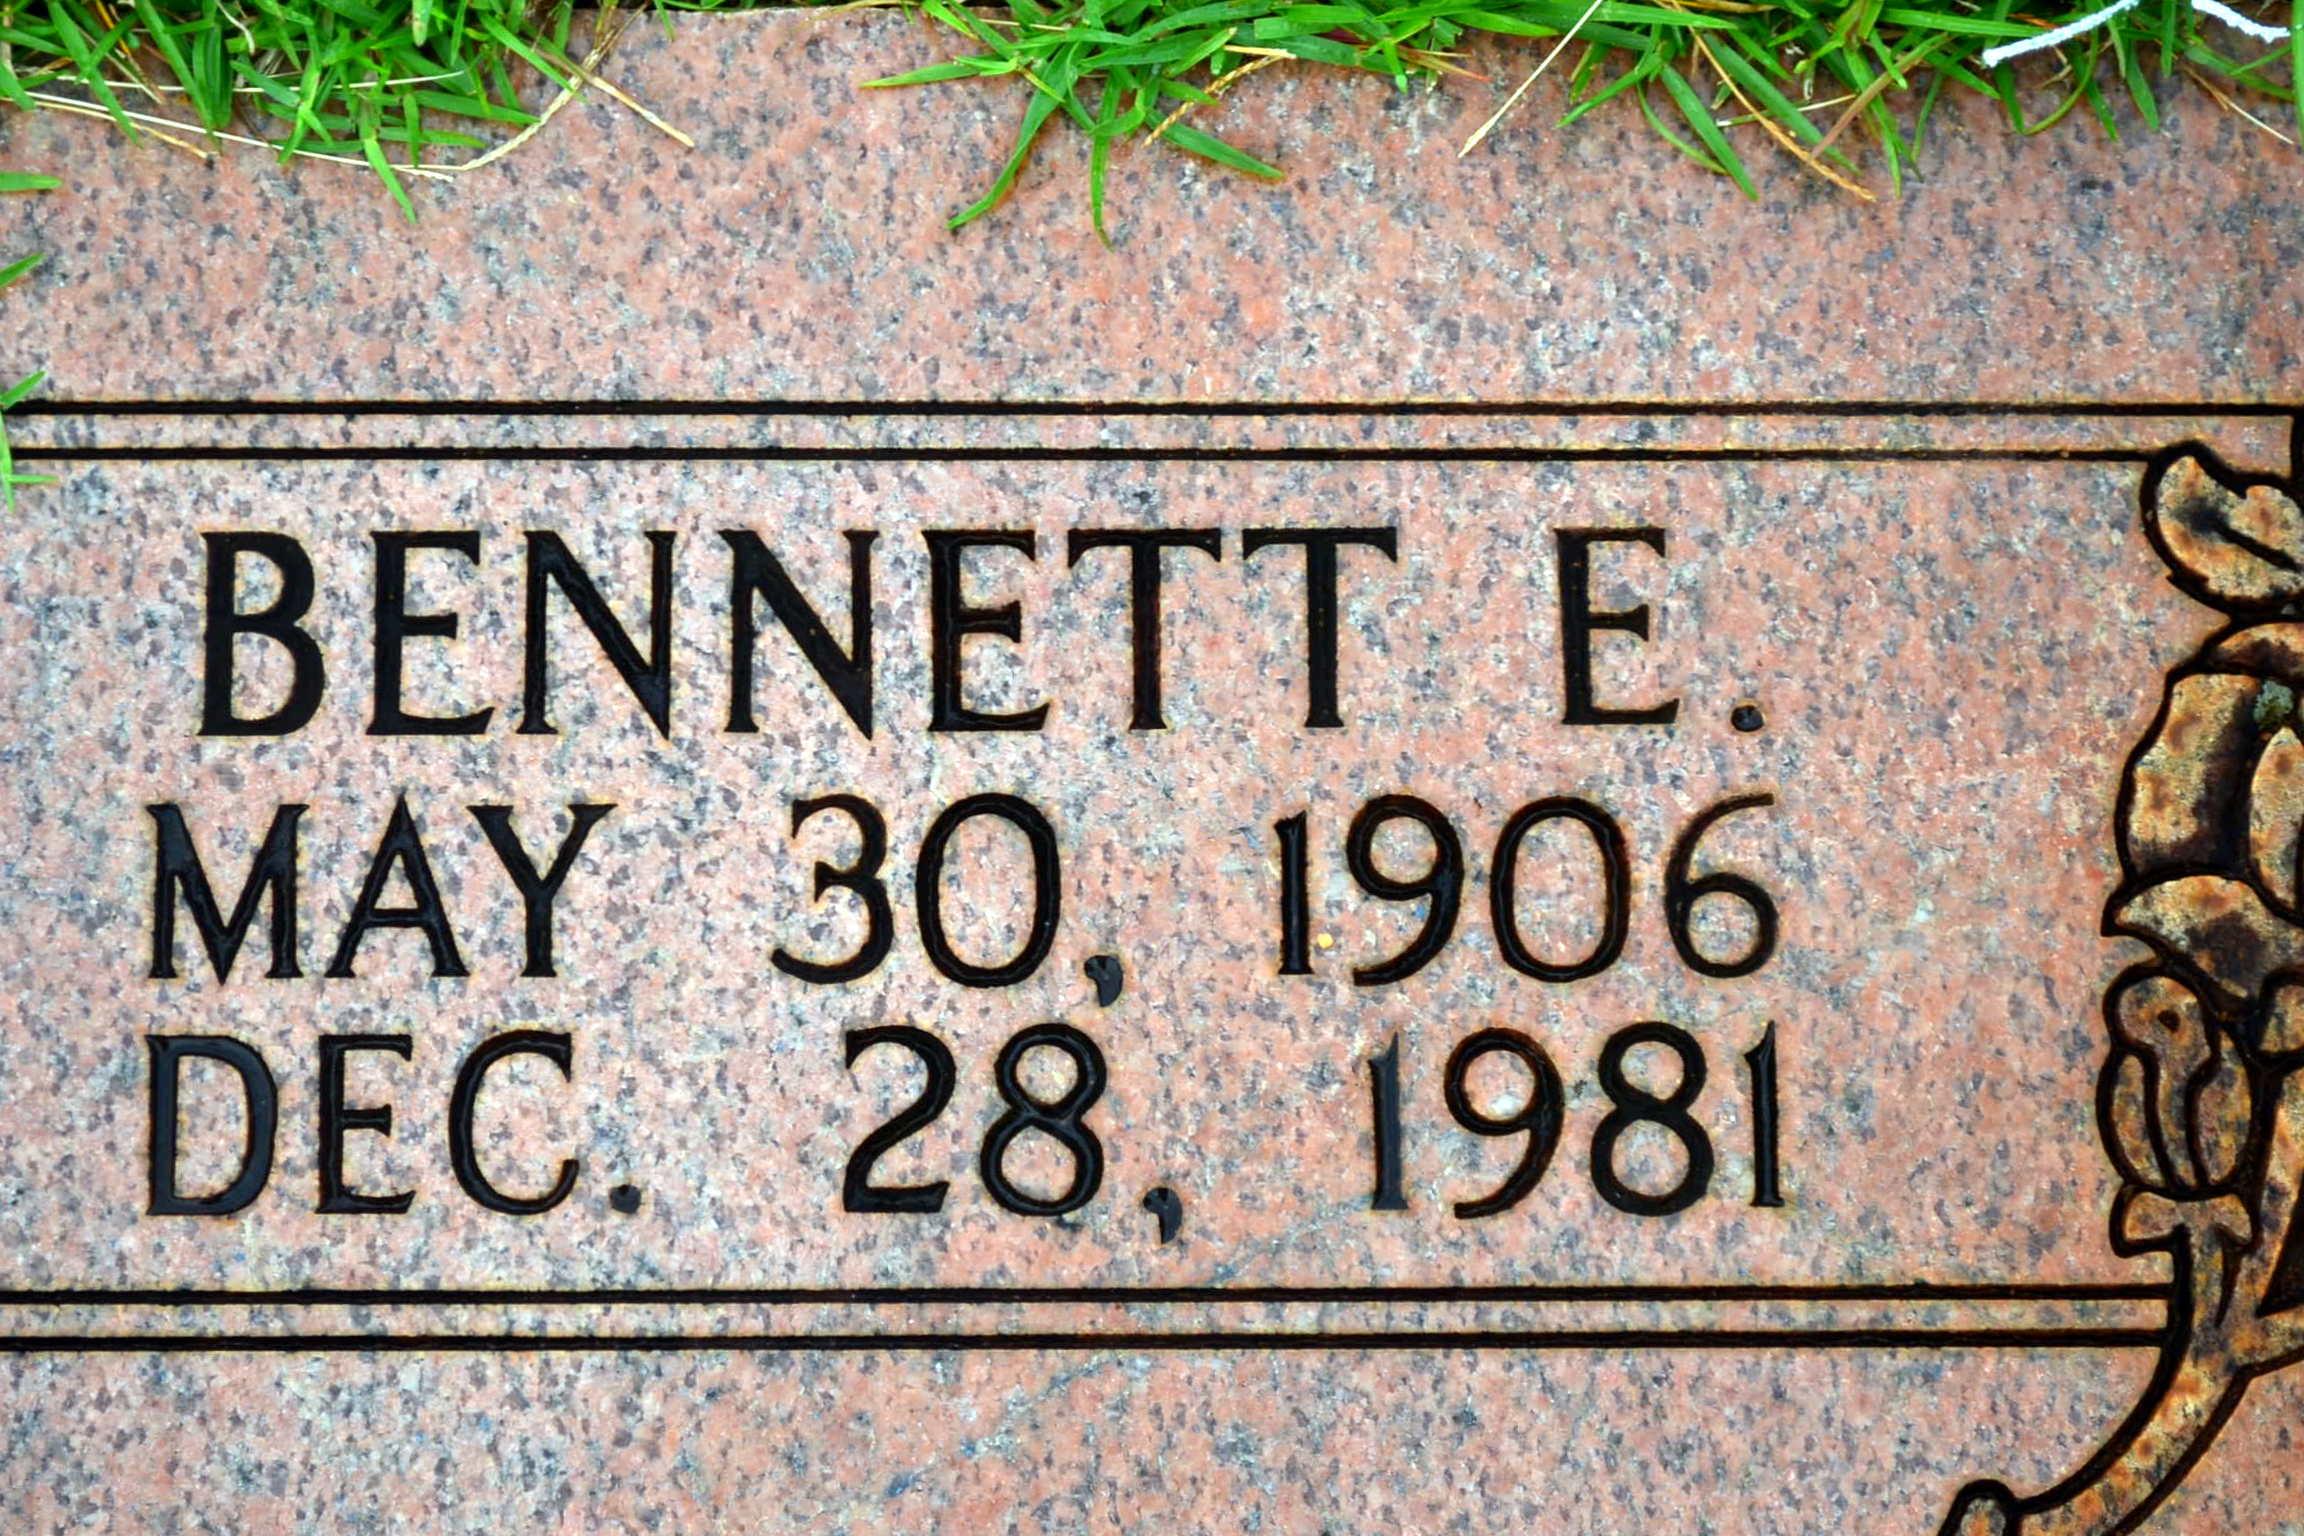 Bennett Everest Adams